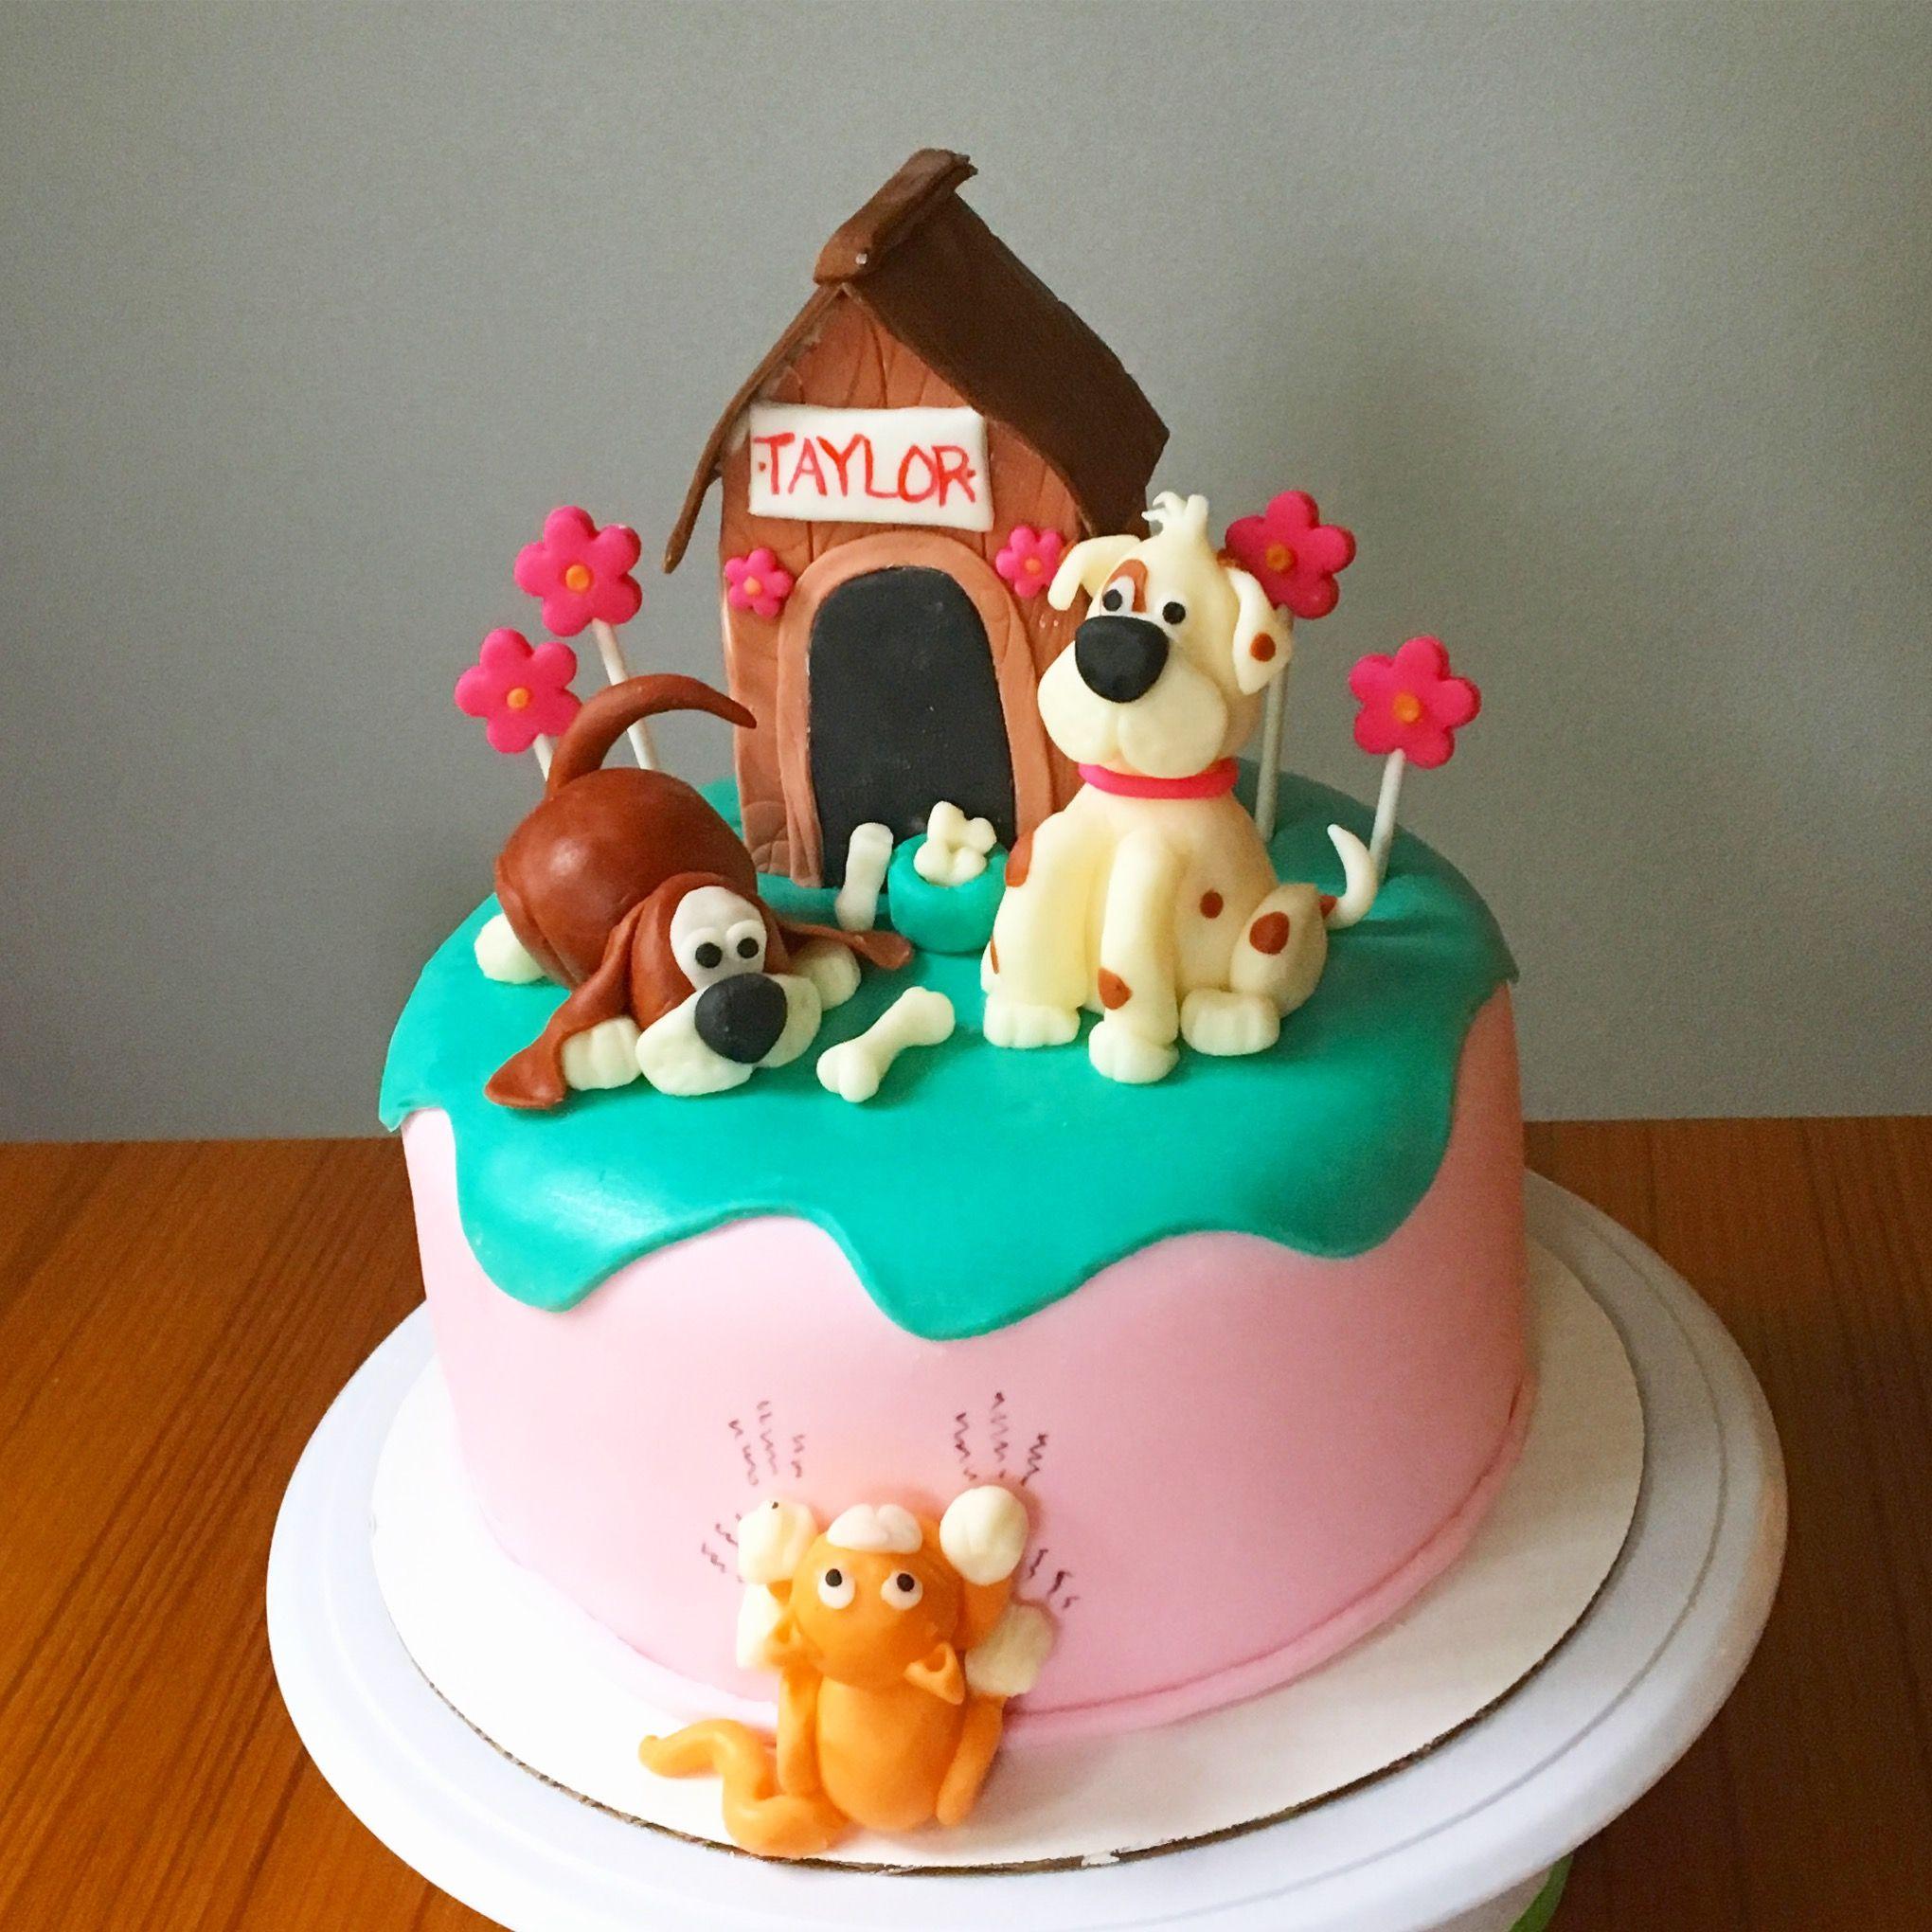 Puppies And Kittens Birthday Cake Kitten Cake Cake Custom Cakes